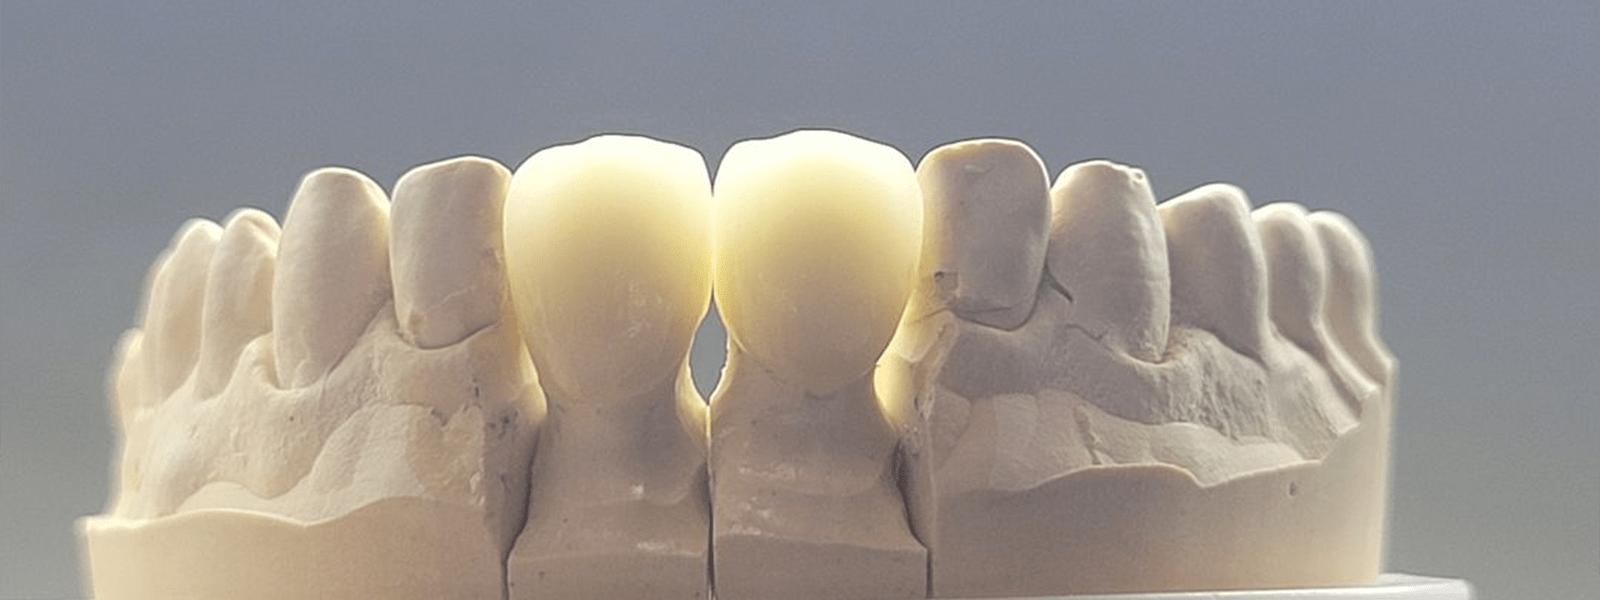 Korony ceramiczne wykonane w laboratorium Dudko i Synowie w 2020 roku